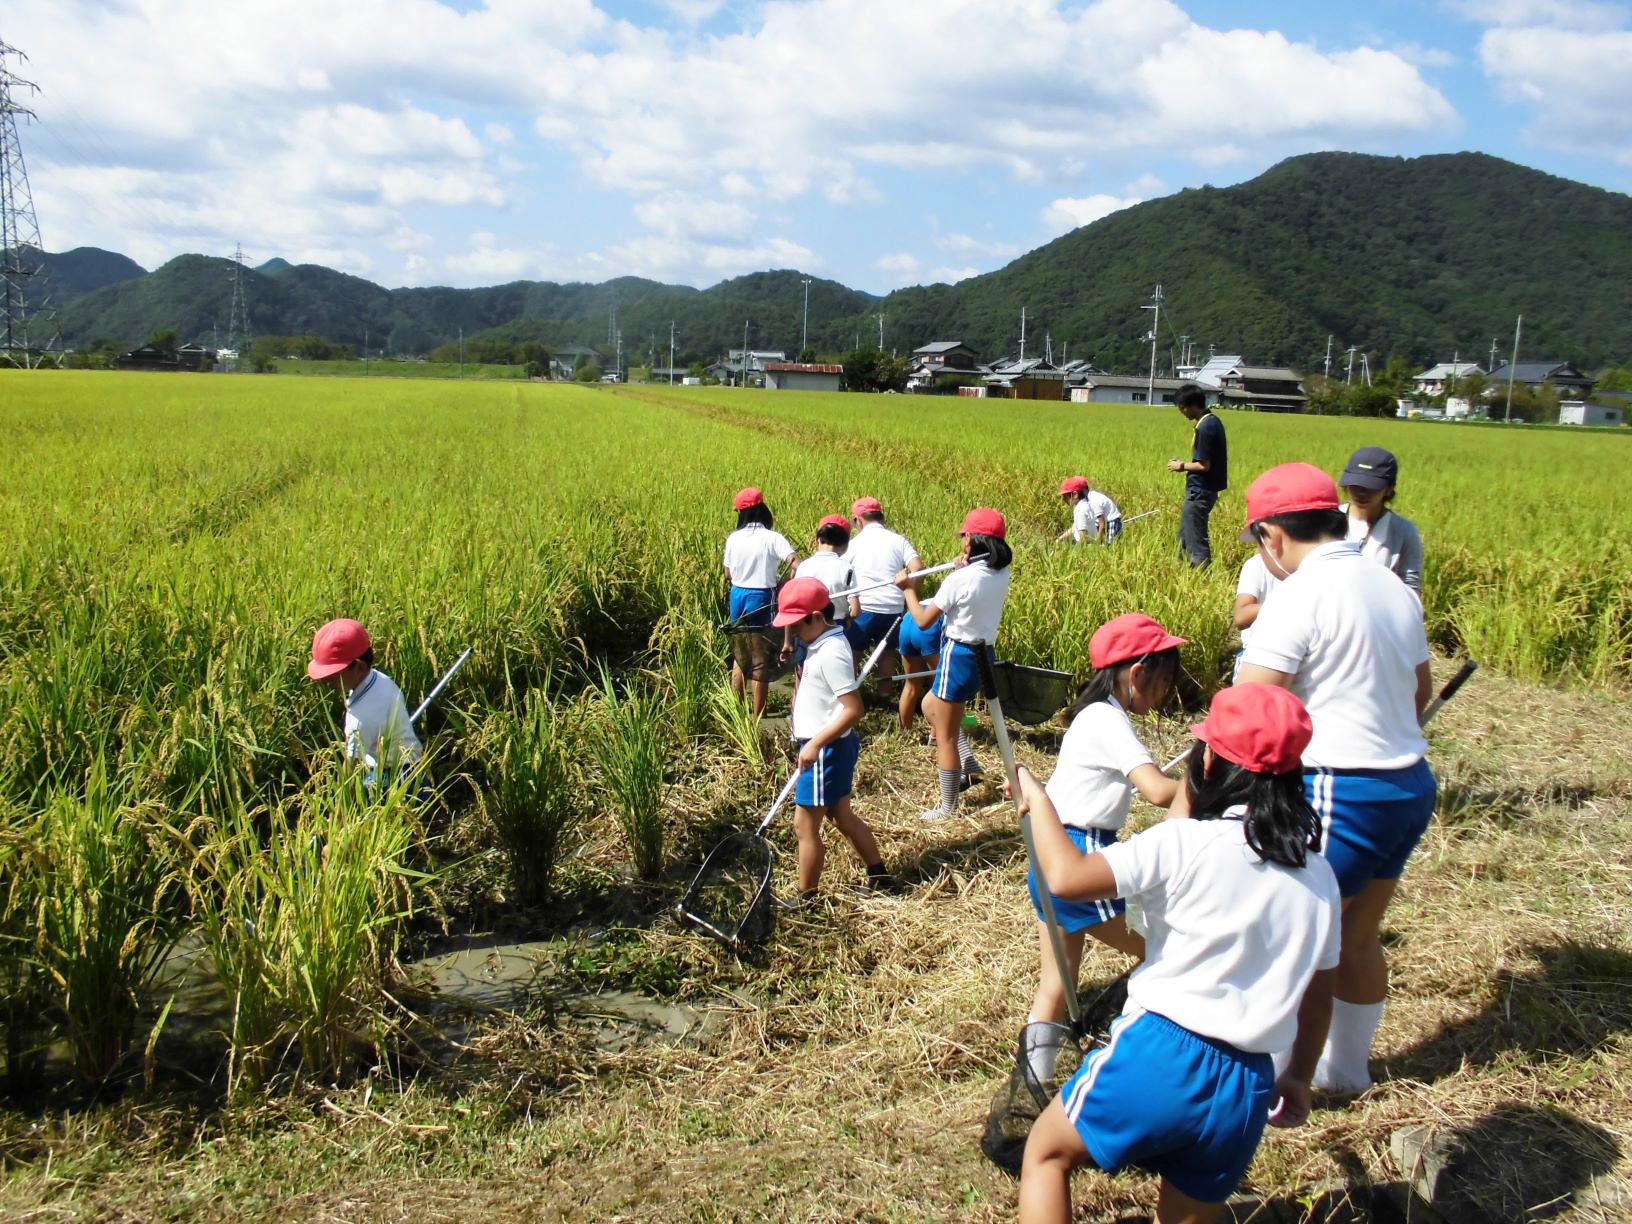 放流したメダカを救出する生徒たち。 「めだか米」は小学校の生徒とメダカを放流した水田で農薬使用を減らし栽培。「ひょうご安心ブランド農産物」に認定されている。